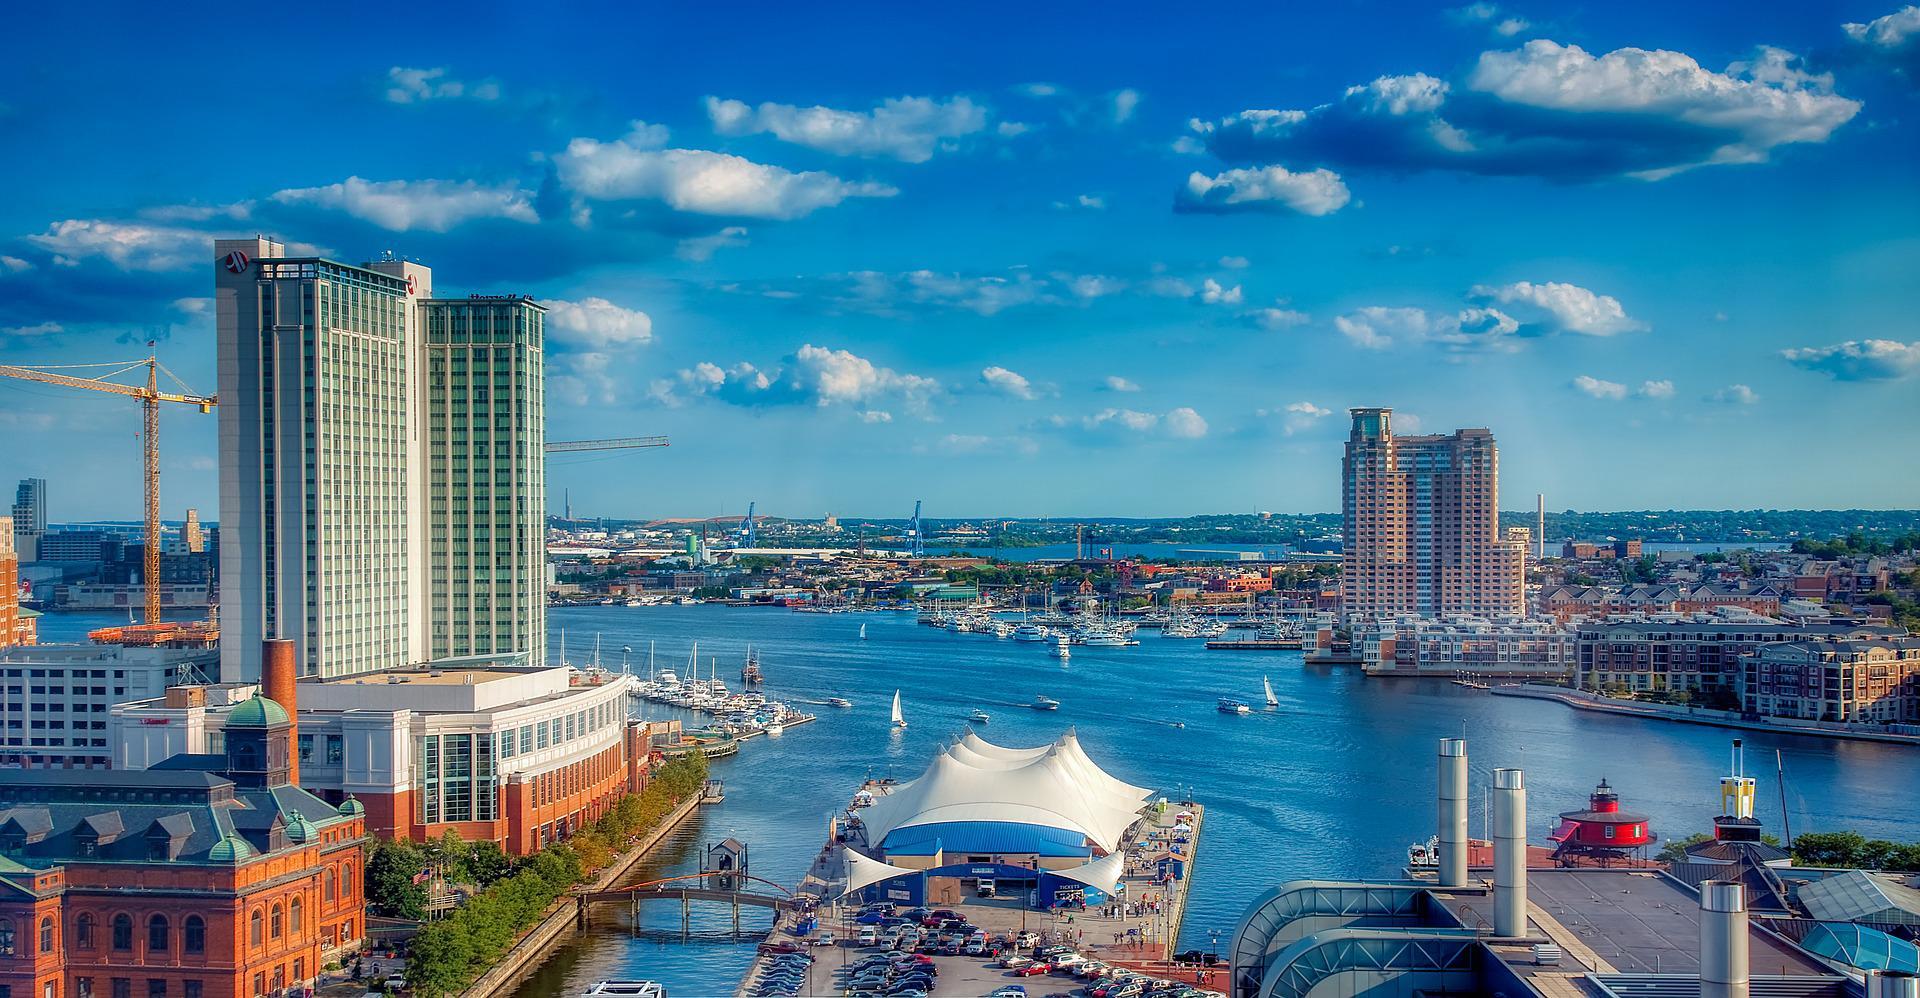 Балтимор, Мэриленд США